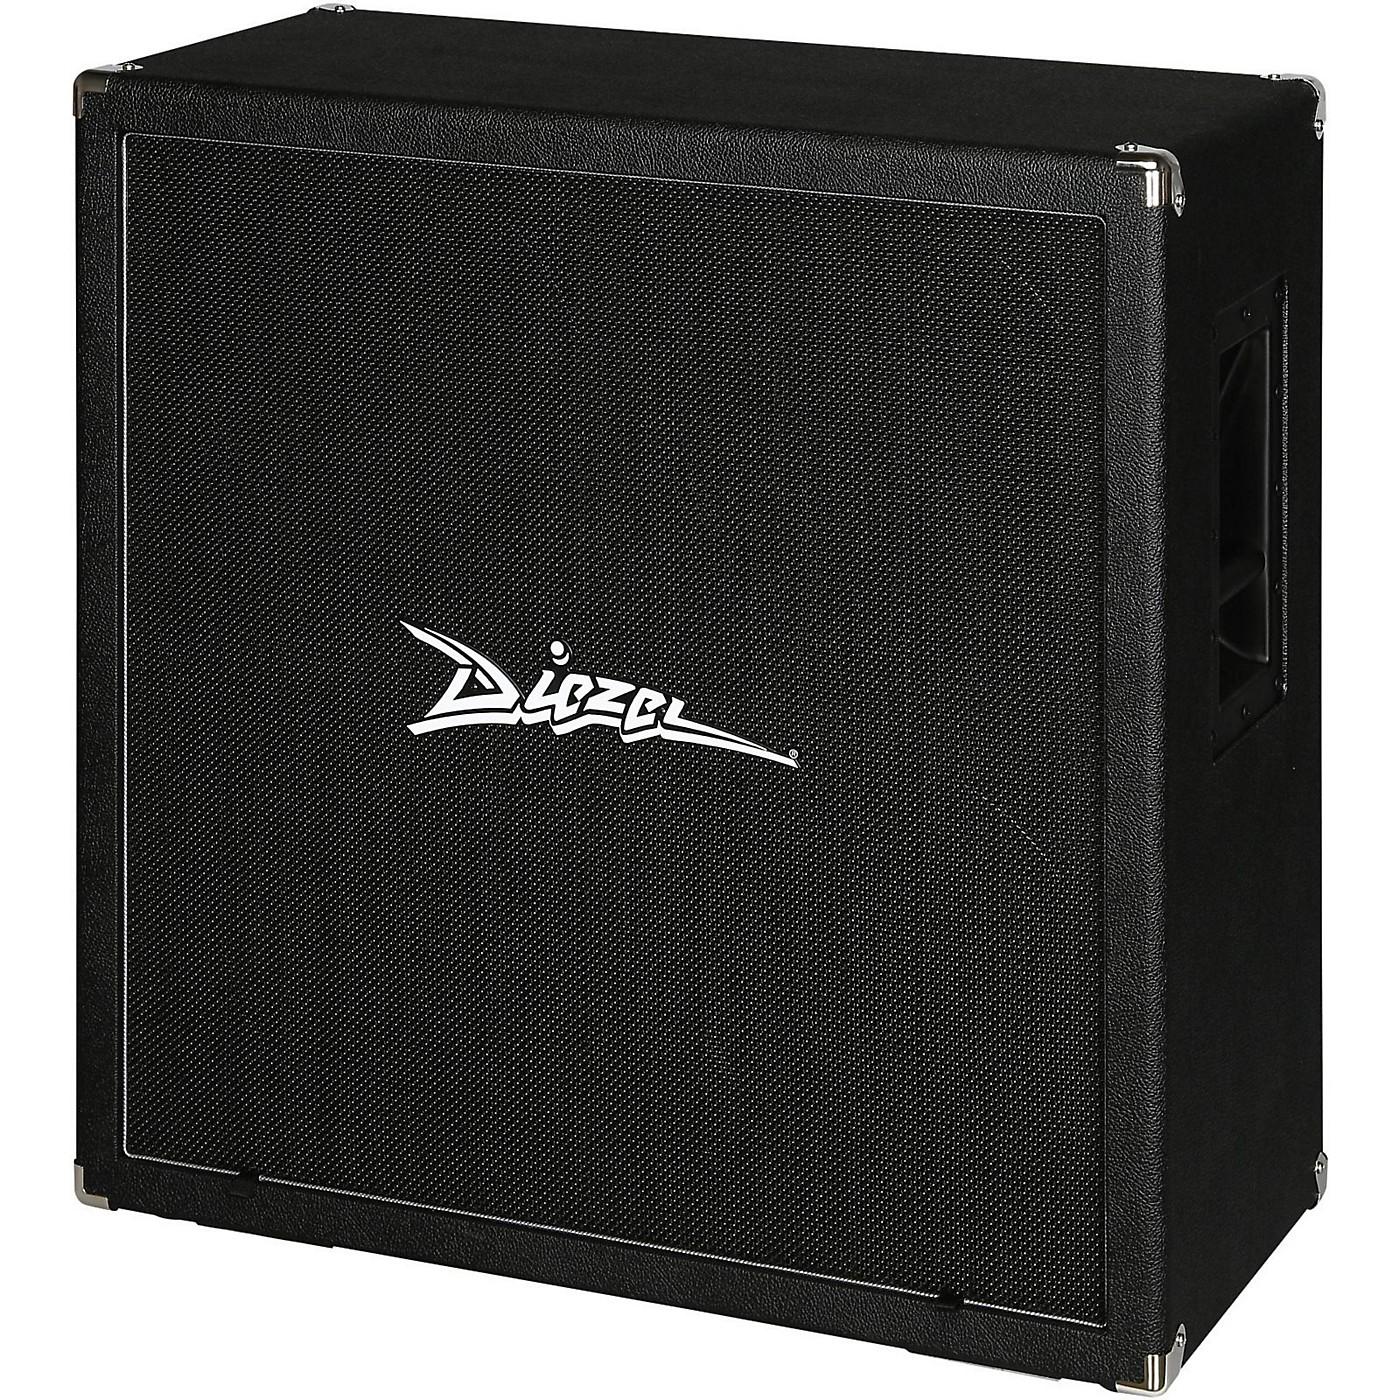 Diezel 412FK 400W 4x12 Front-Loaded Guitar Speaker Cabinet thumbnail